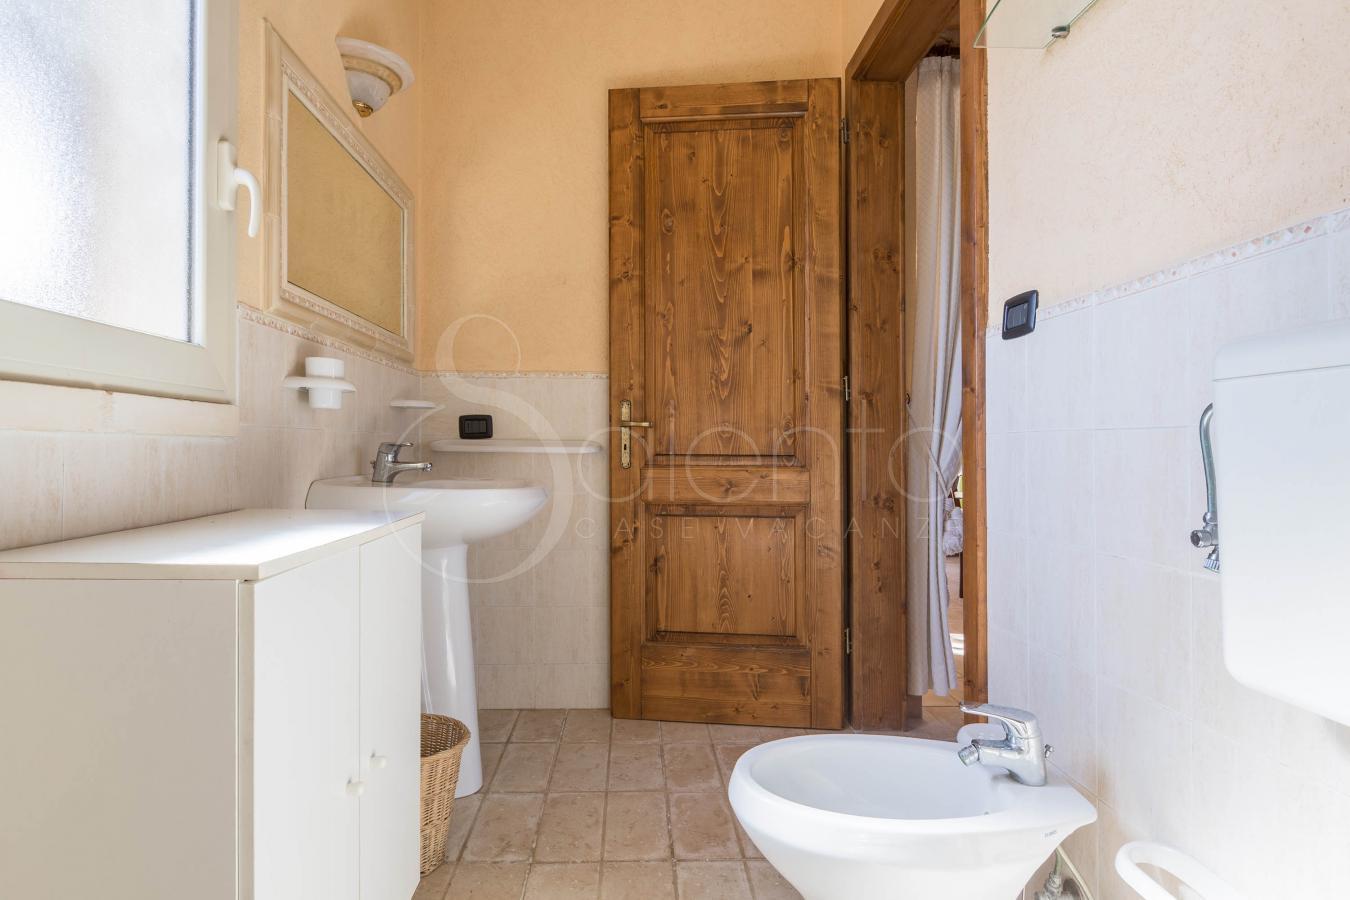 Casa vacanze in masseria con piscina a san gregorio zona leuca masseria colosso camuffa - Masseria con piscina salento ...